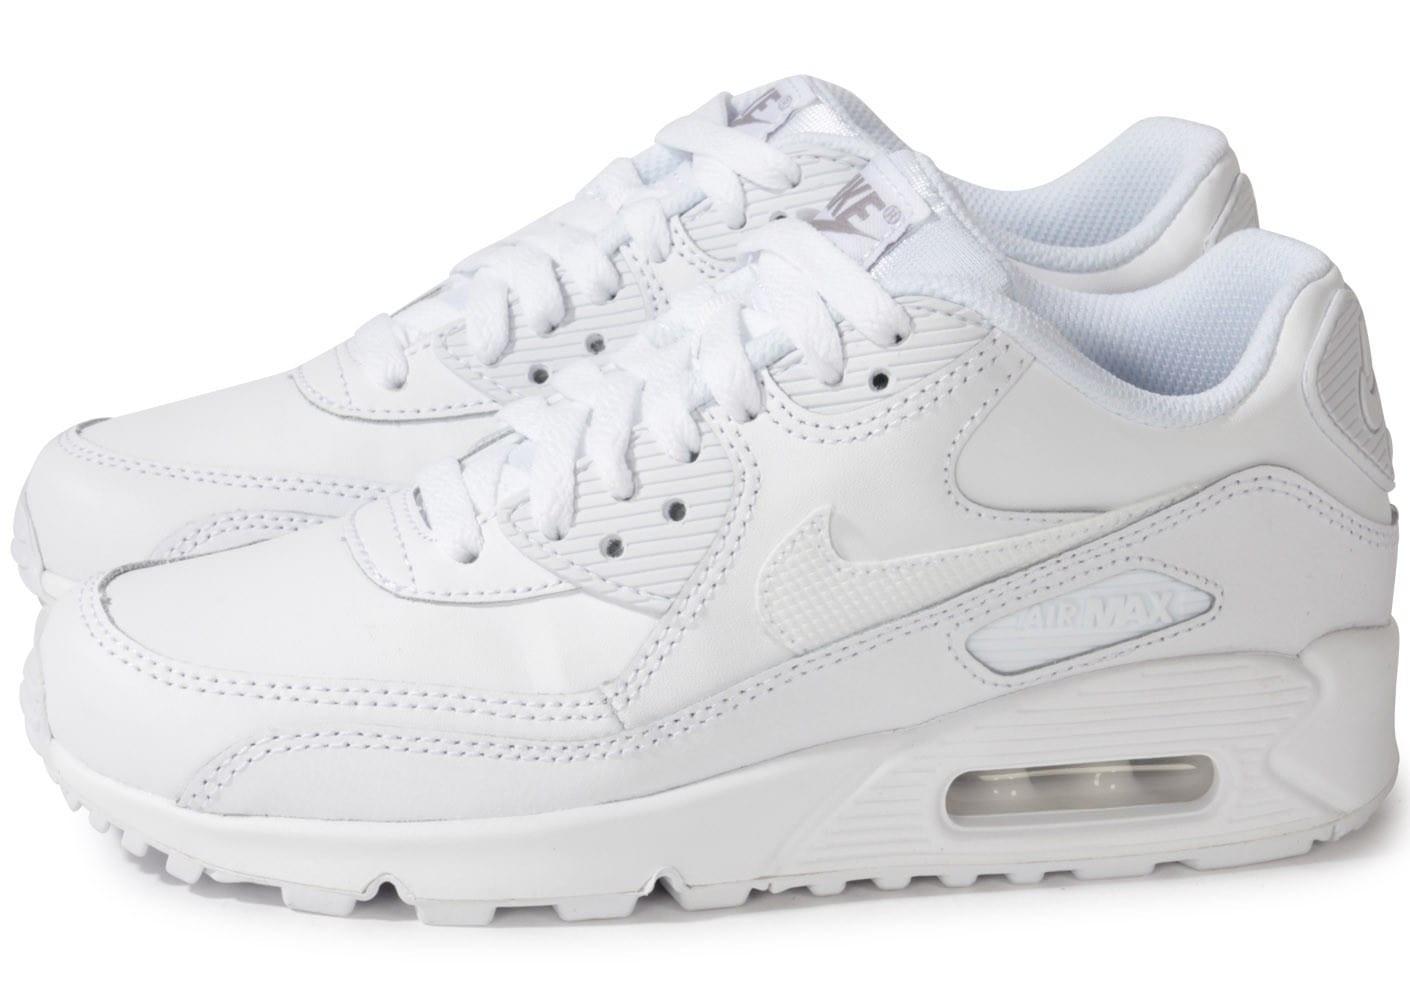 nike air max blanc femme,Nike AIR MAX 90 LEATHER Blanc ...